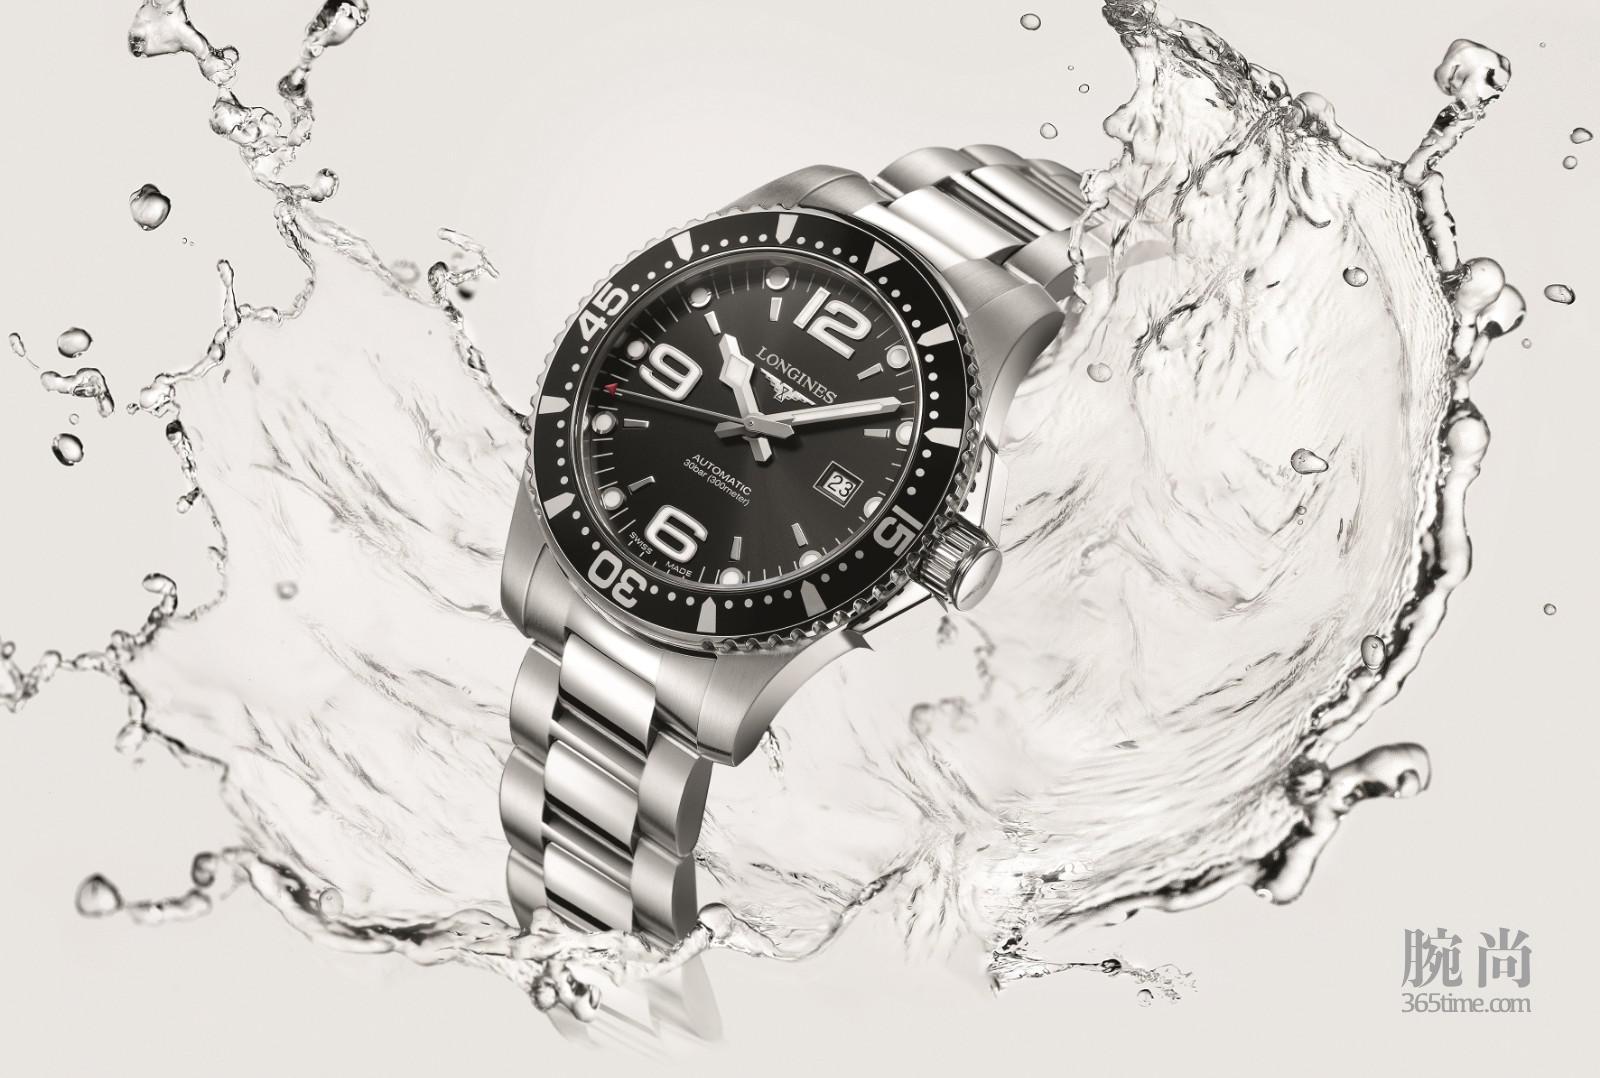 康卡斯潜水系列腕表-情景图.jpg